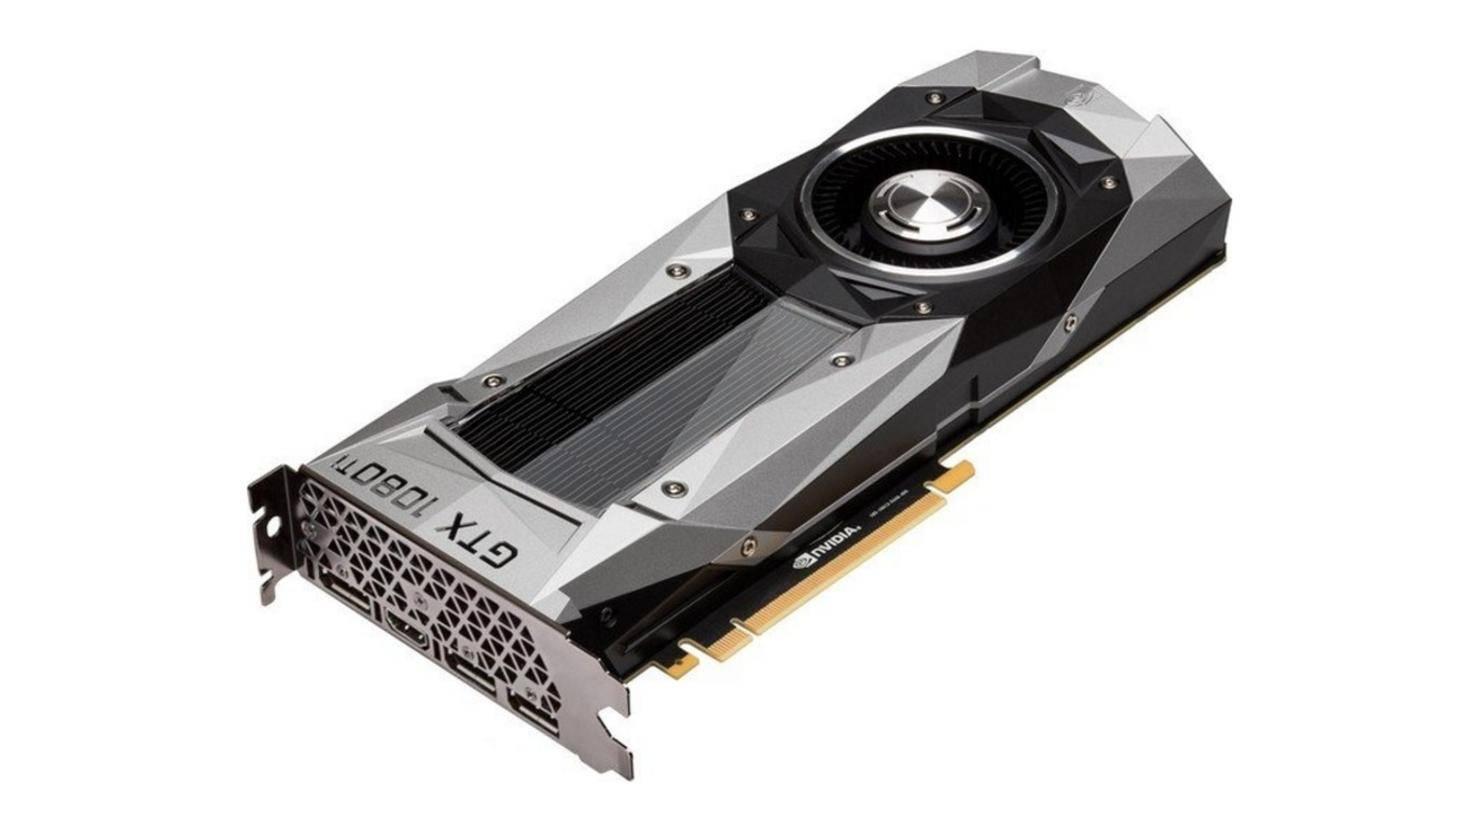 Die GeForce GTX 1080 Ti gehört zum High-End-Segment der 1000er-Reihe.